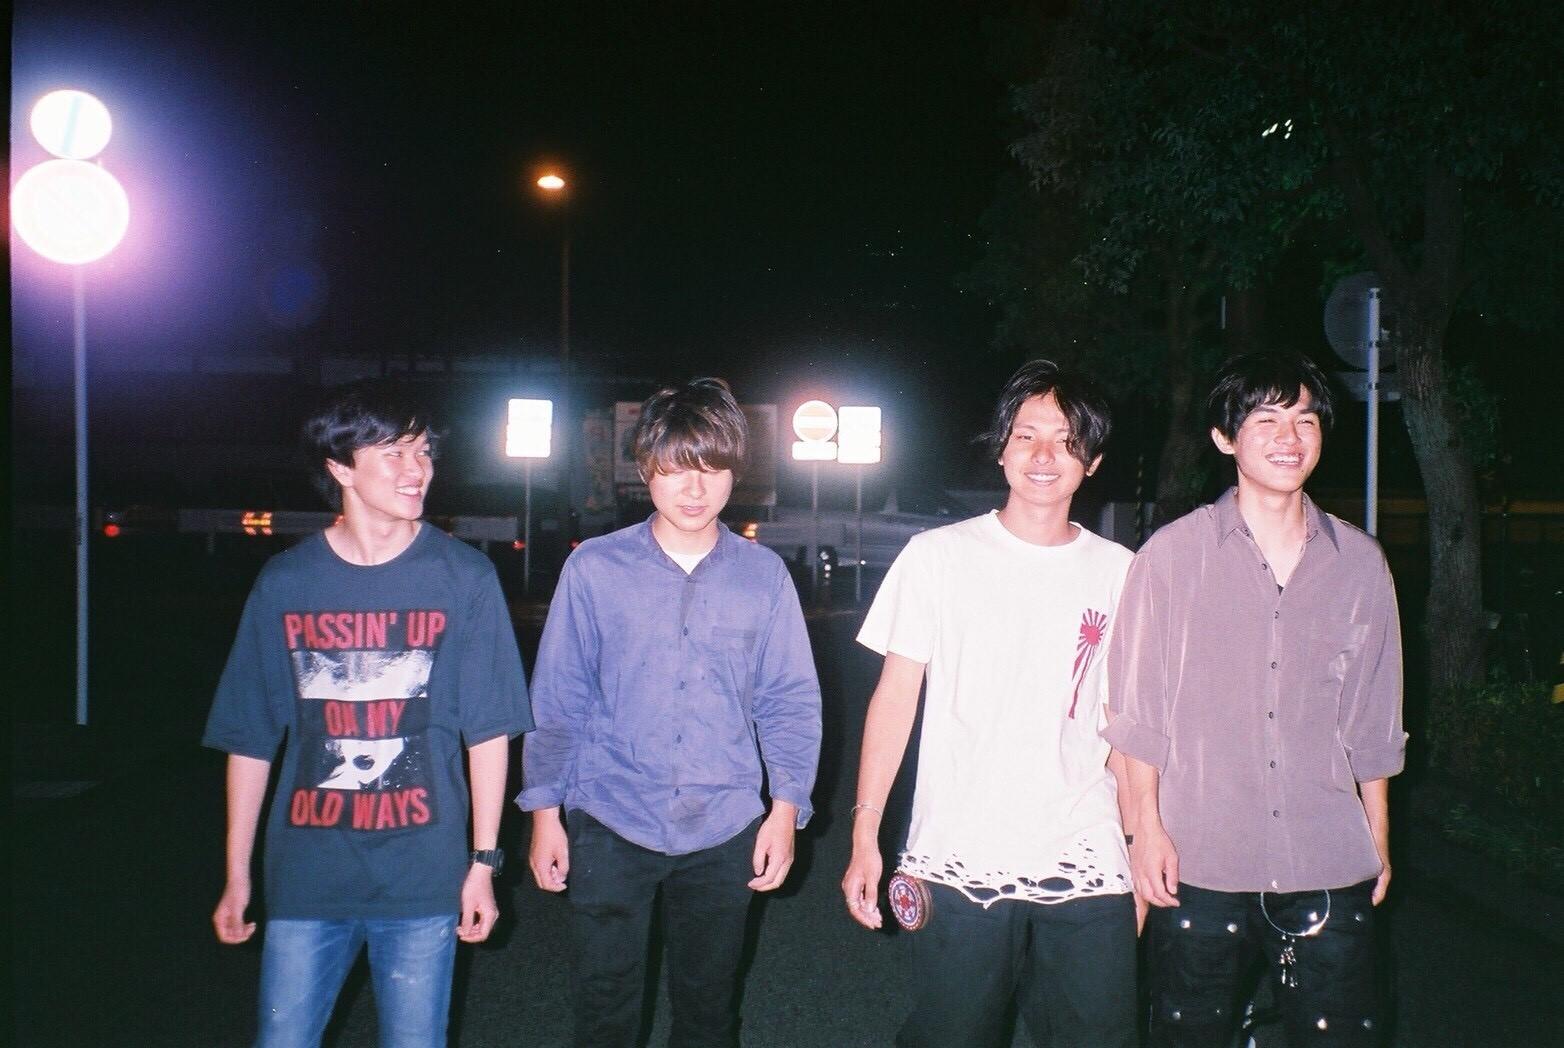 【注目の学生アーティスト】滋賀県のバンド・The Over Sensation、バンド名の由来はまさかの……